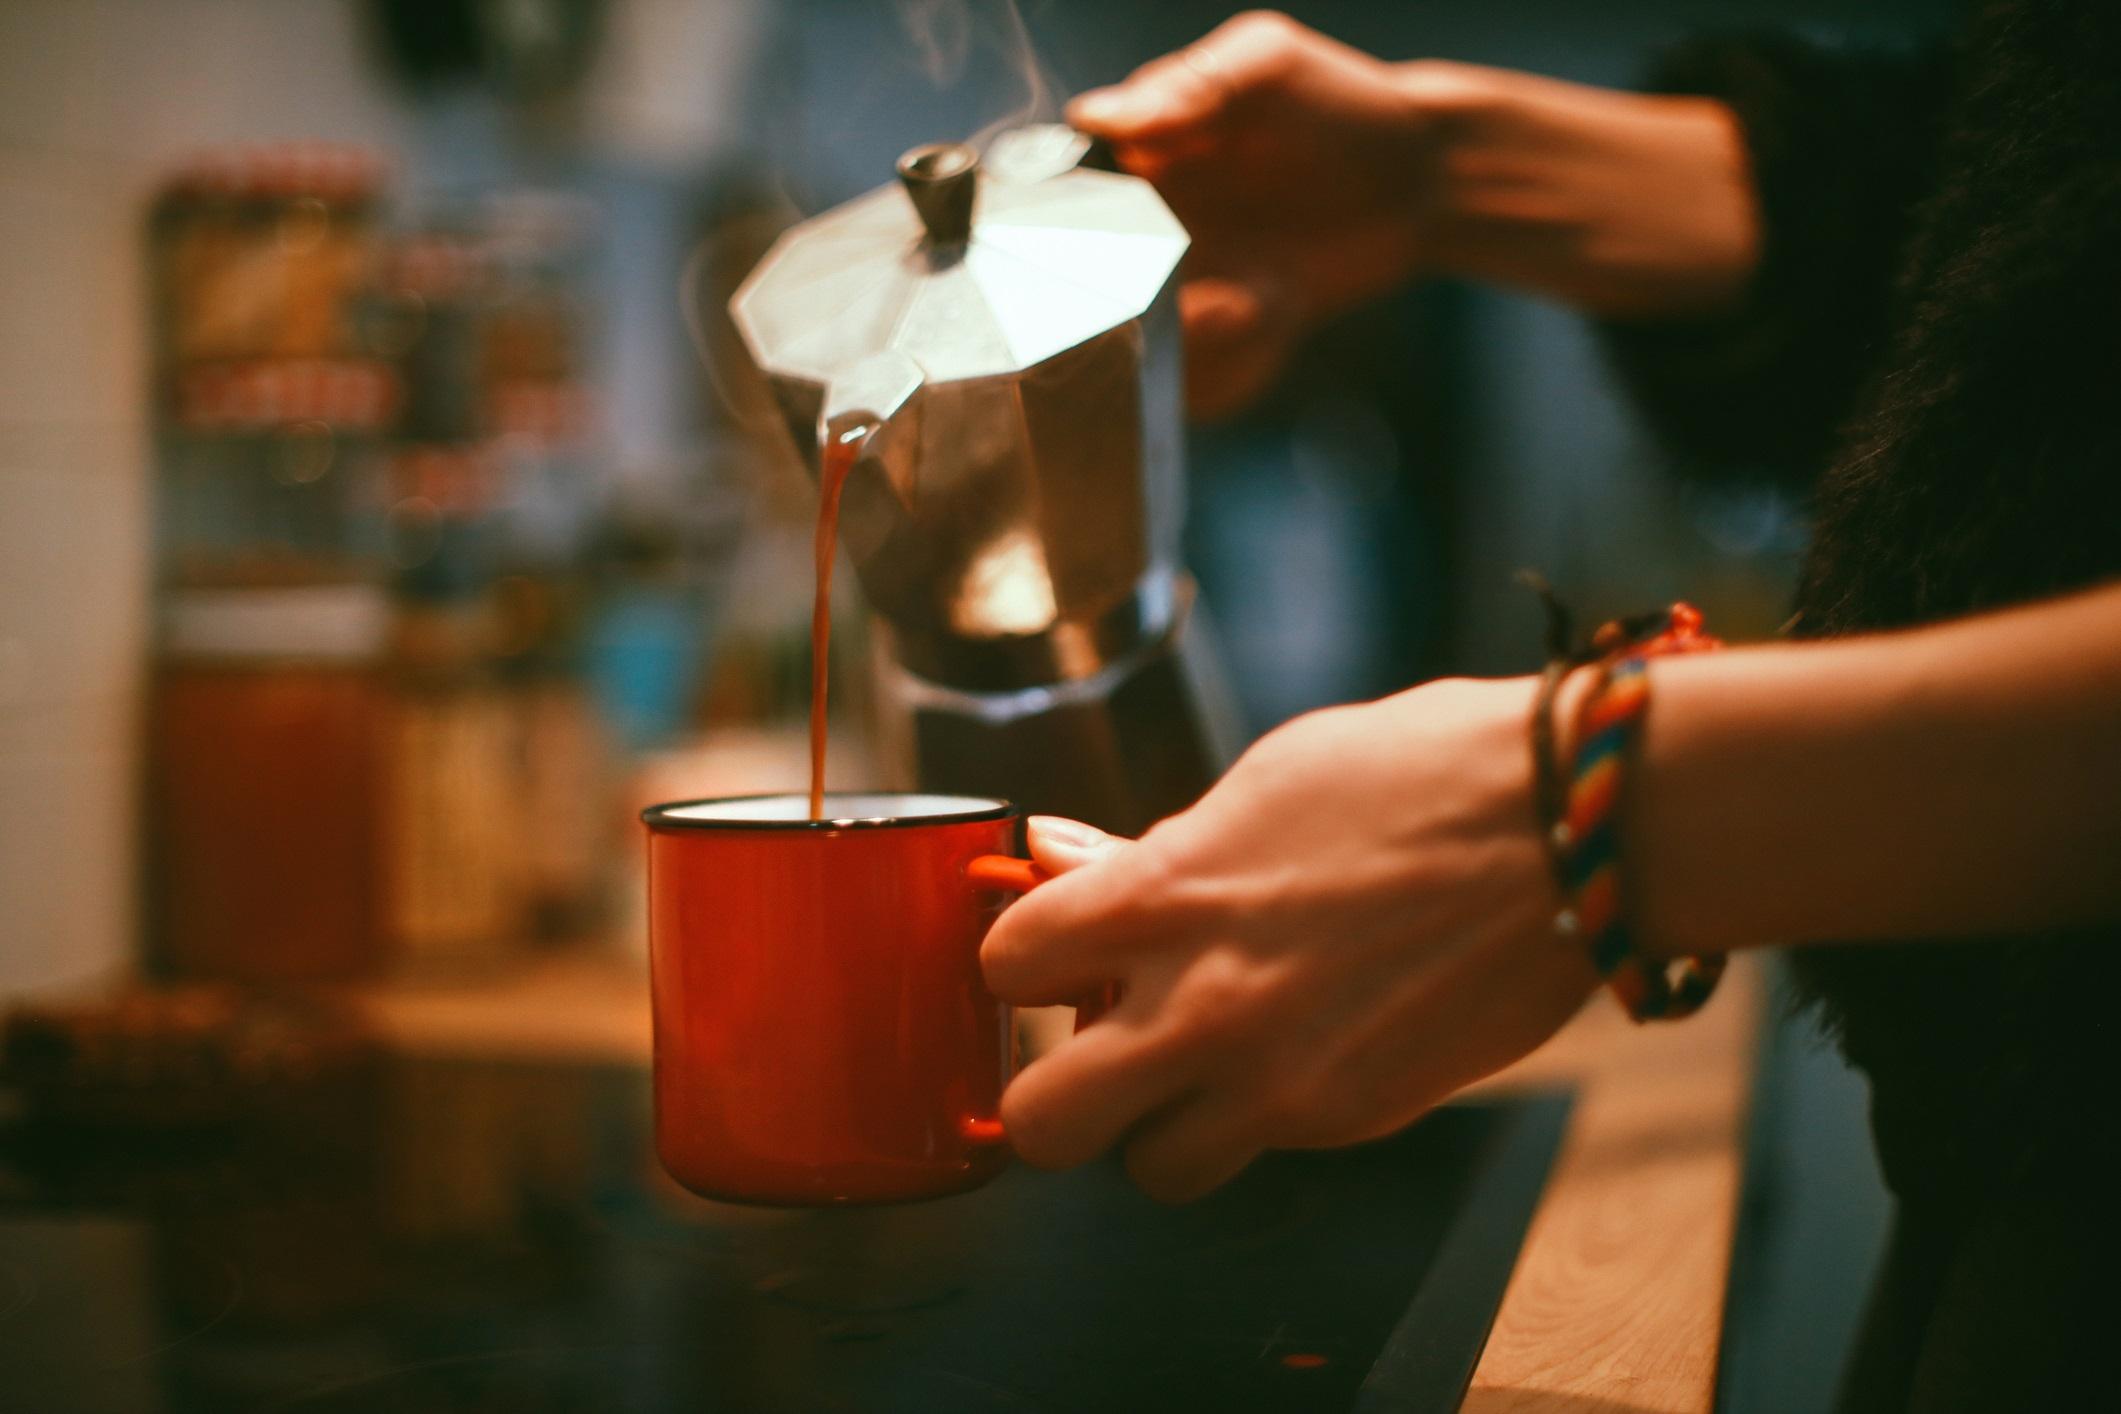 <p><strong>Хора с проблеми със съня</strong></p>  <p>Разбираемо е да посегнете към чаша (или повече) кафе, след като не сте пали добре през нощта, но вашият навик за кафе може да продължи цикъла на лош сън и умора. Избягвайте кофеина поне 6 часа преди лягане.</p>